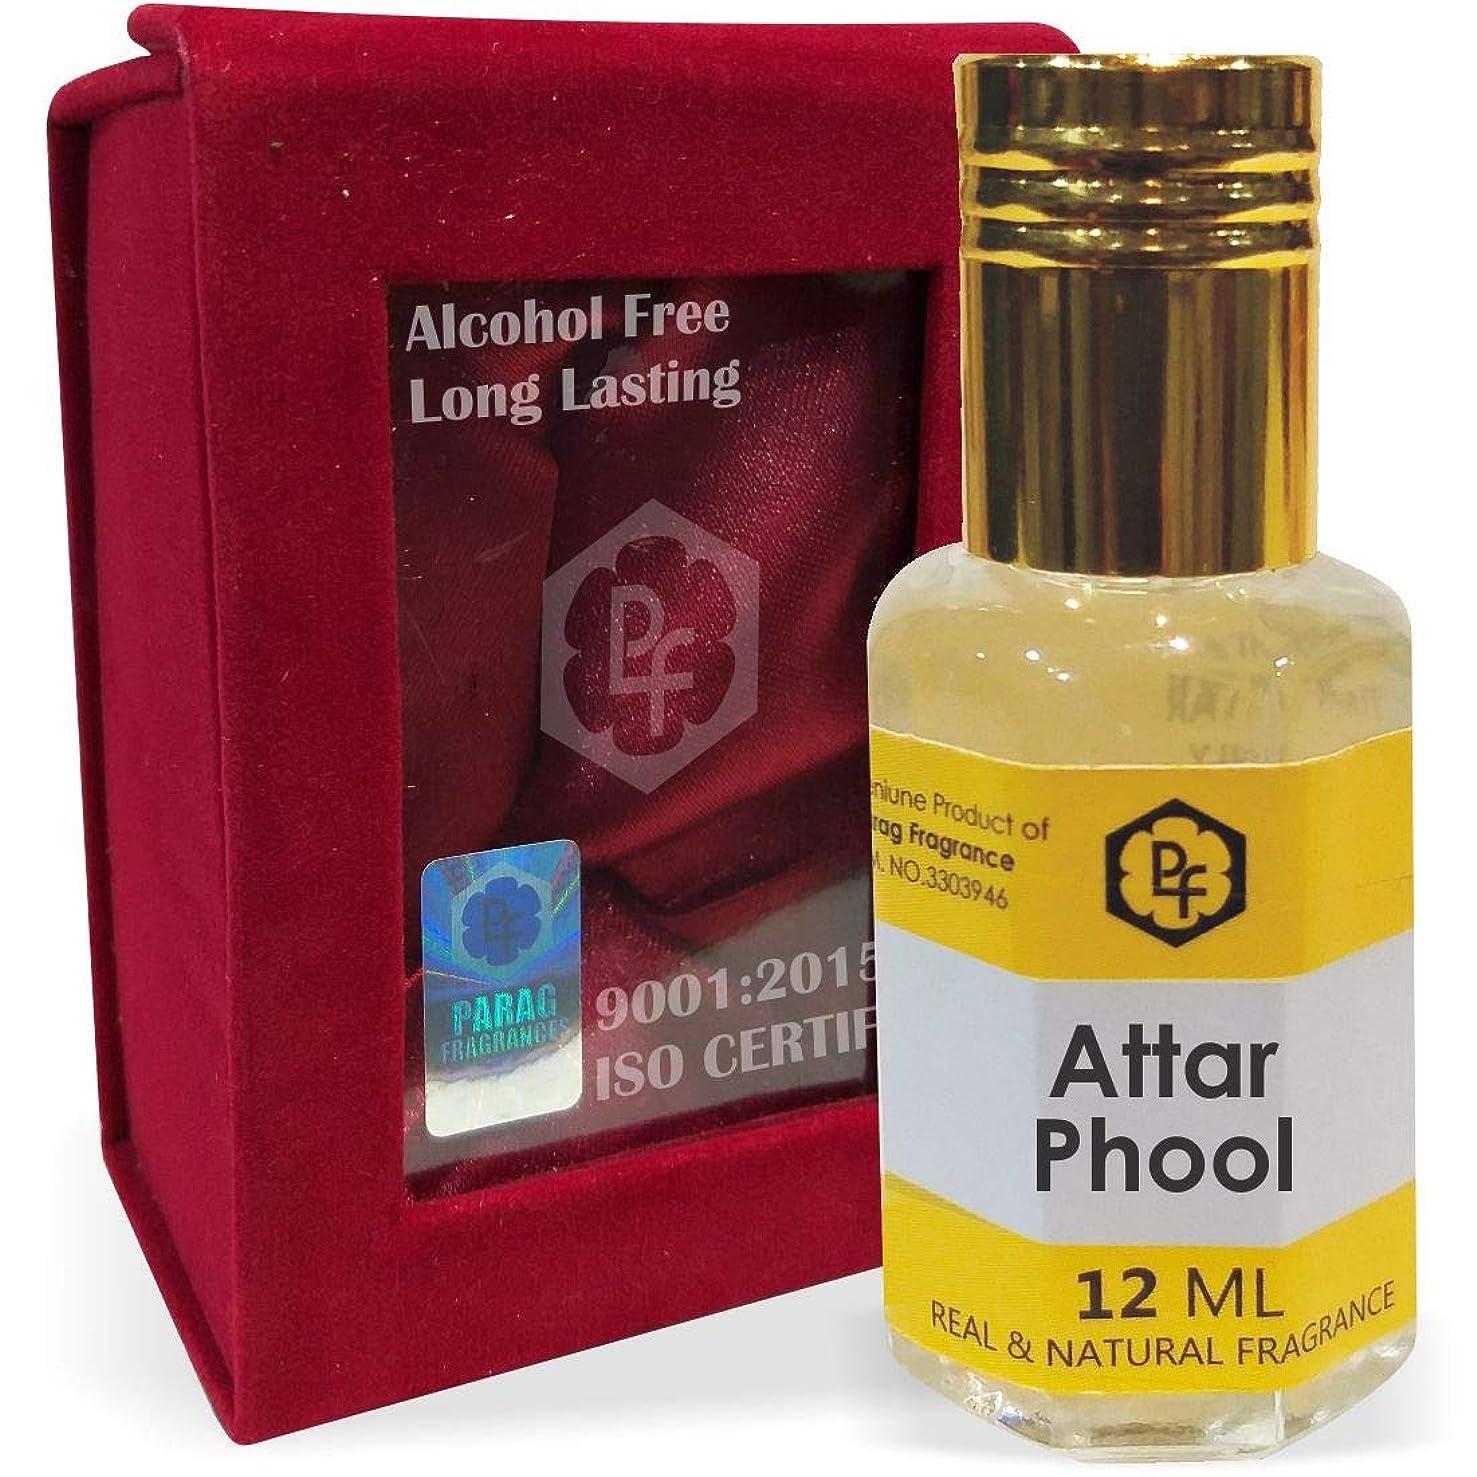 暴露する非行ピケ手作りのベルベットボックスParagフレグランスアターPhool 12ミリリットルアター/香油/(インドの伝統的なBhapka処理方法により、インド製)フレグランスオイル|アターITRA最高の品質長持ち